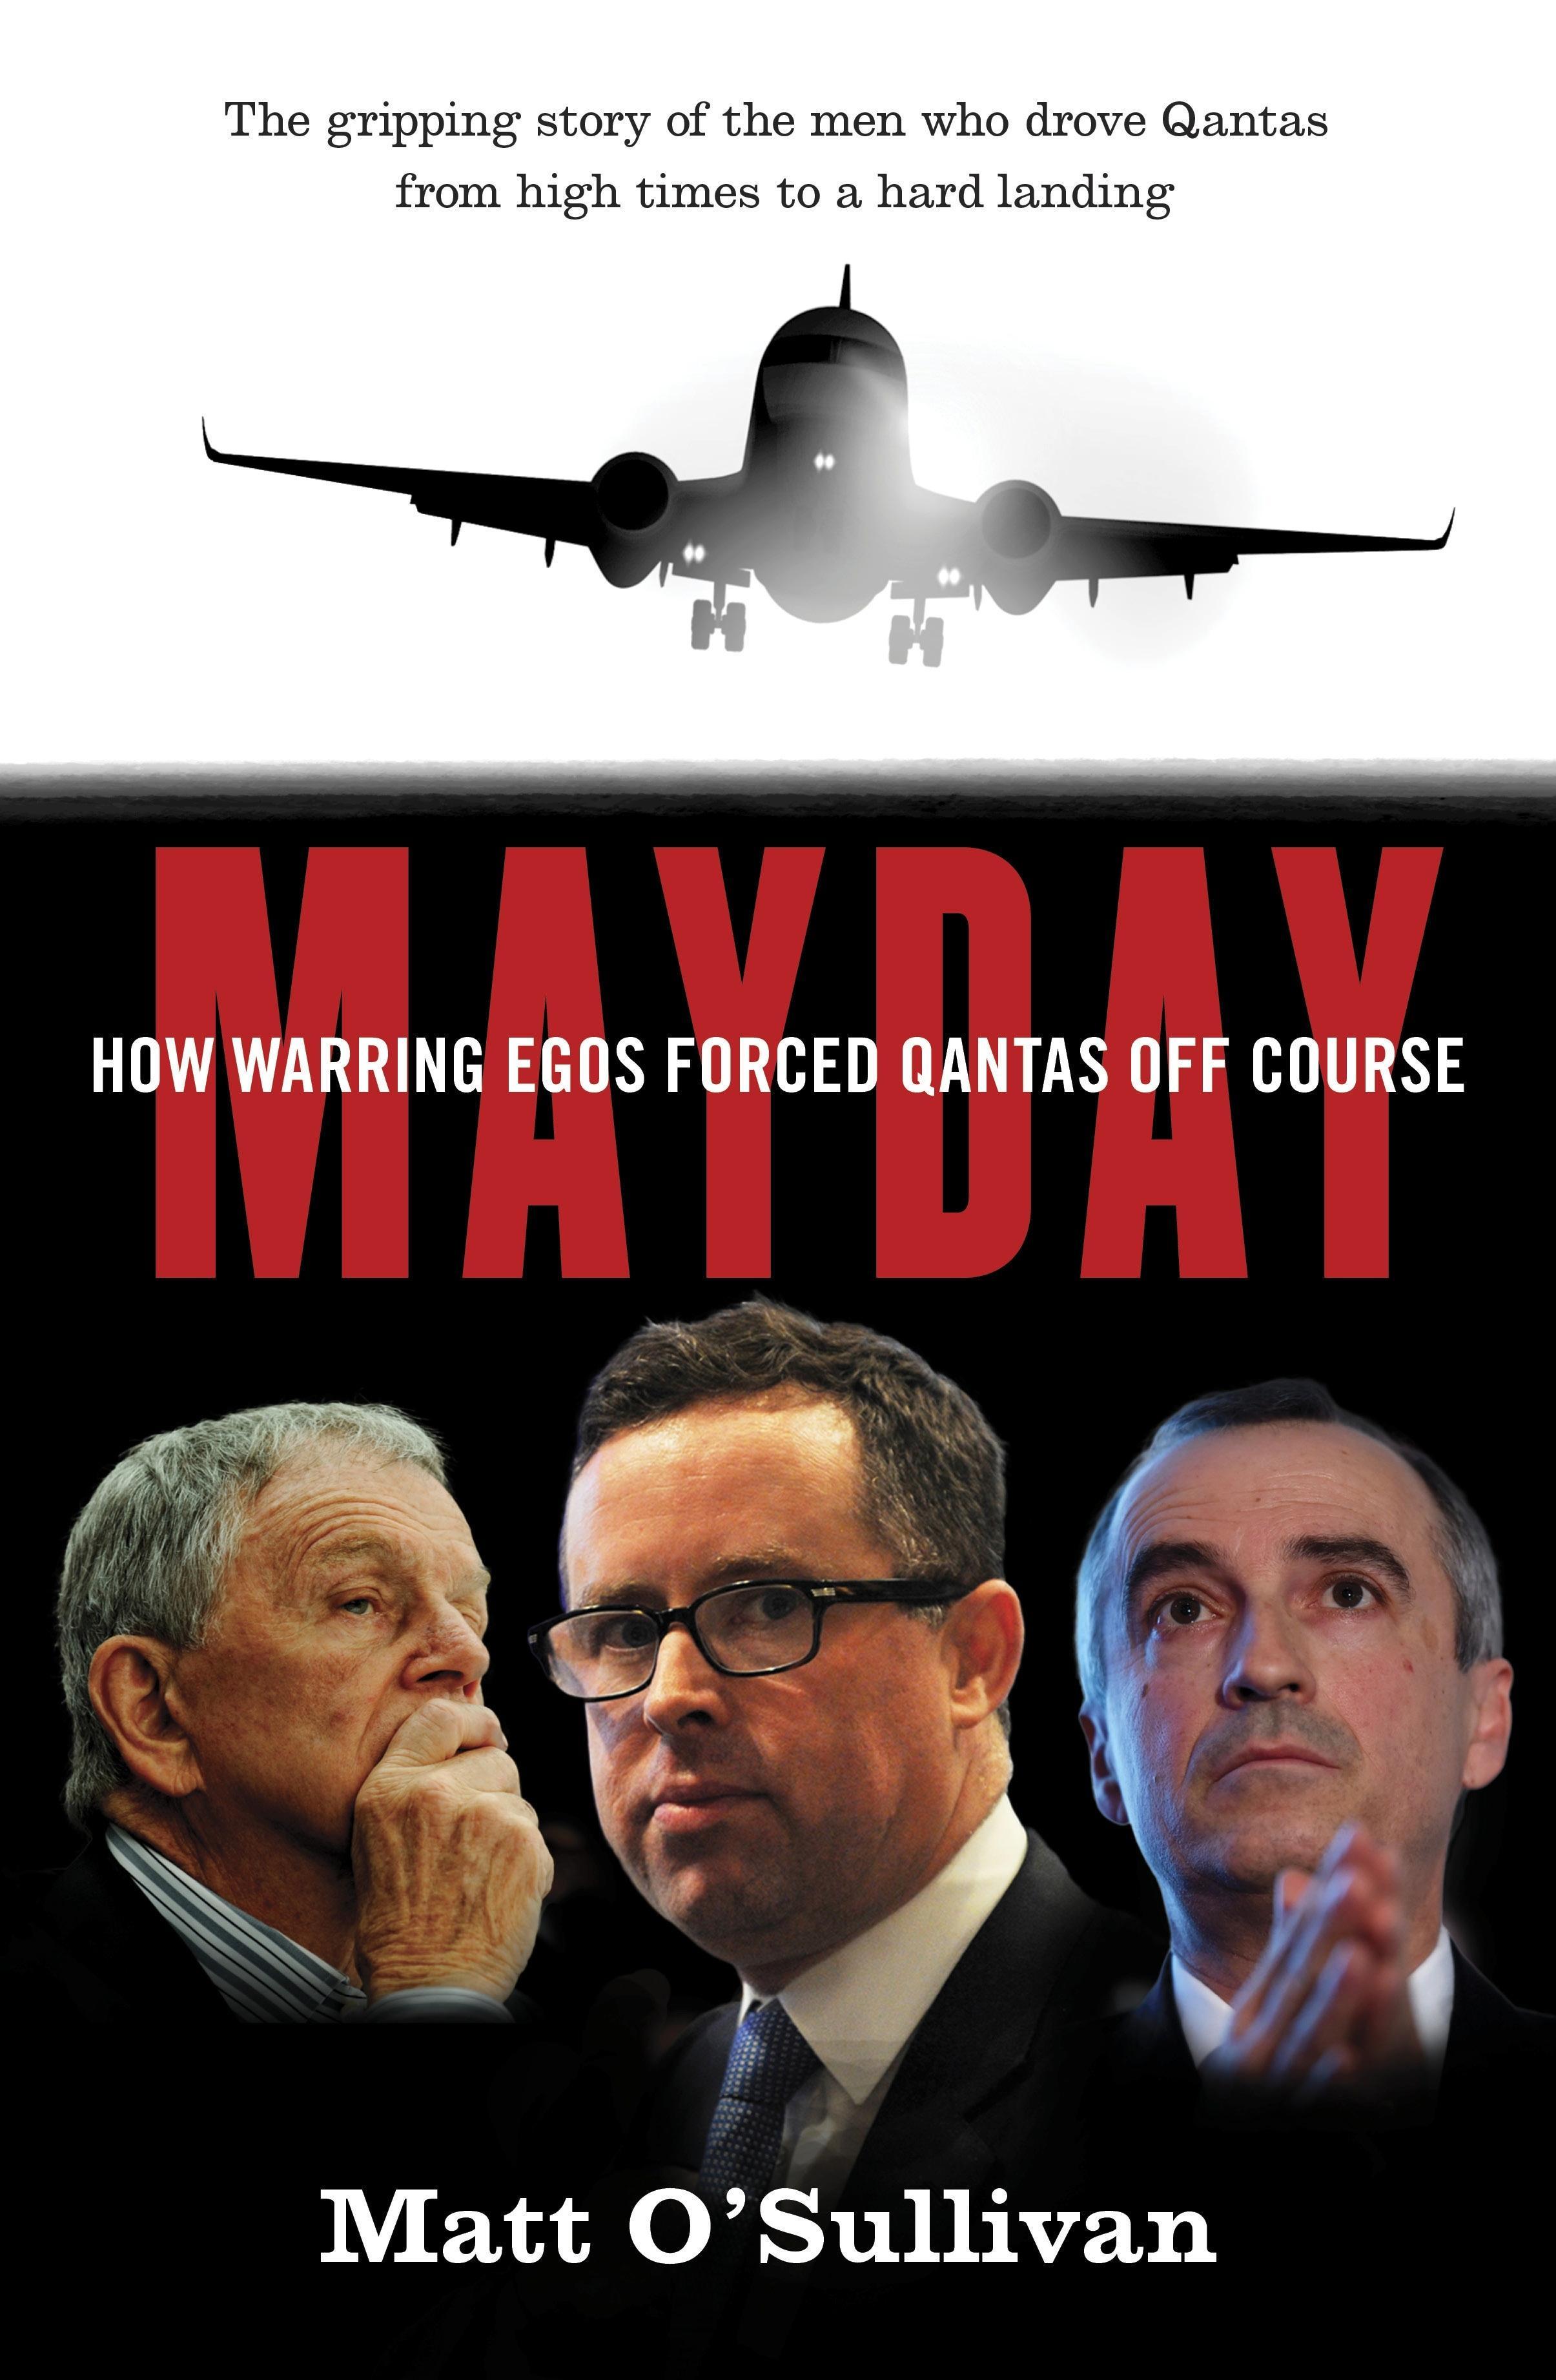 Mayday: How warring egos forced Qantasoffcourse